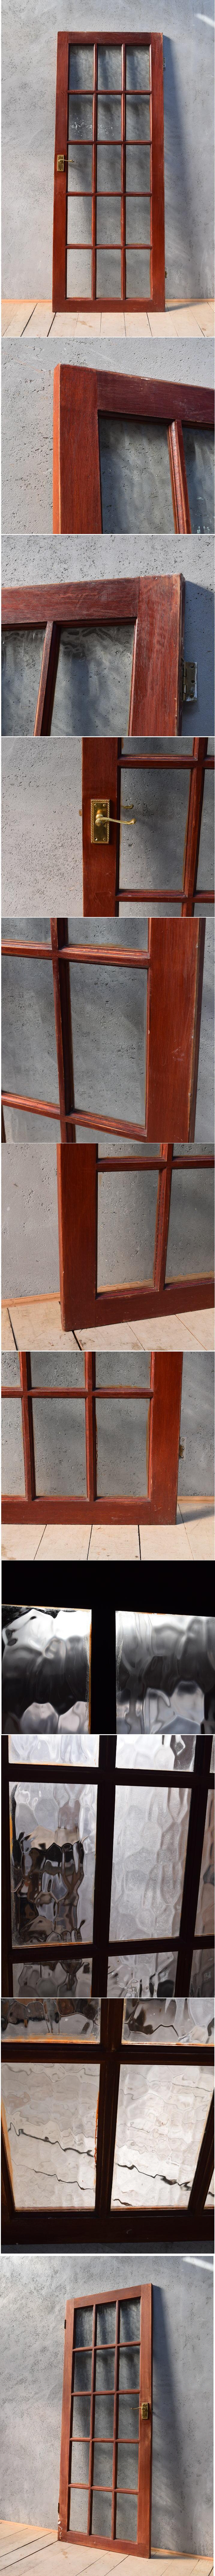 イギリス アンティーク ガラス入り木製ドア 扉 ディスプレイ 建具 6647